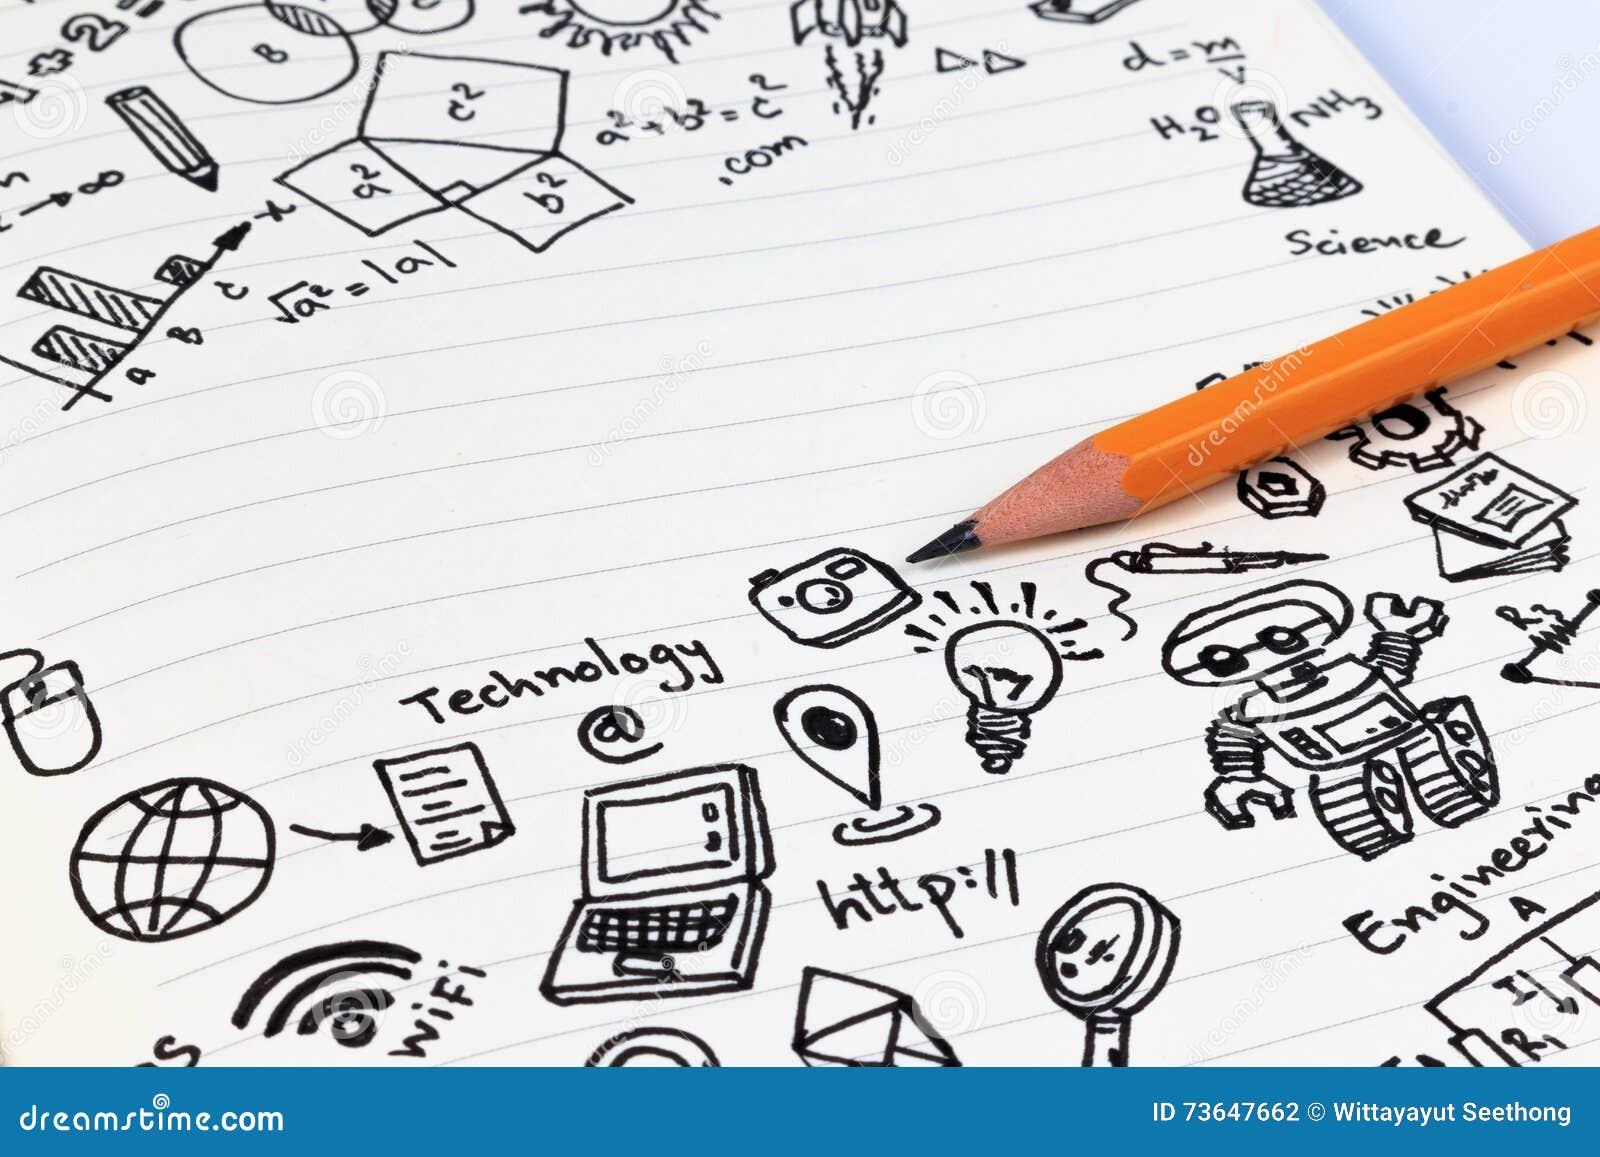 STAMutbildning Matematik för vetenskapsteknologiteknik